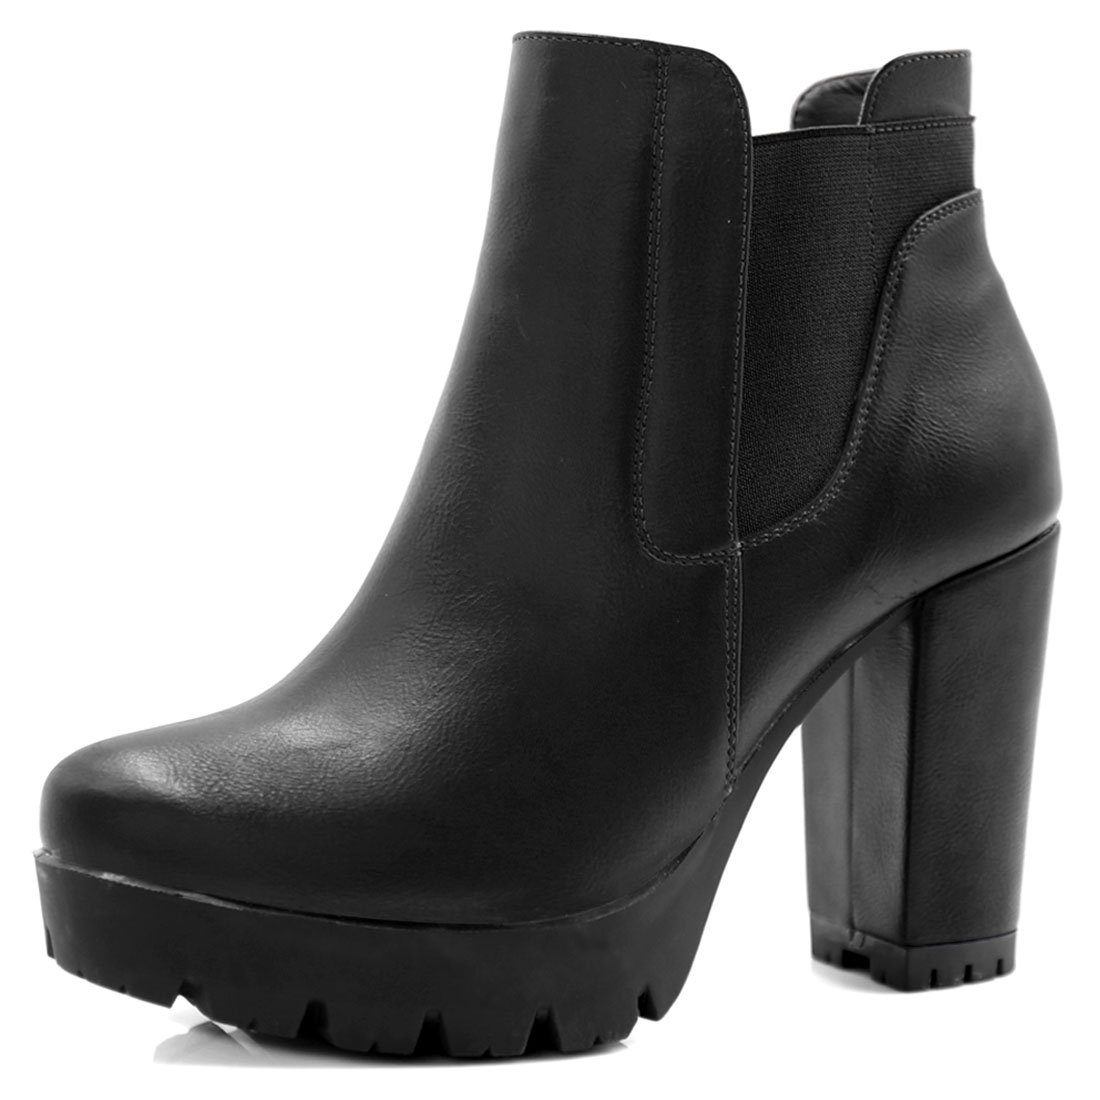 d953fbeb308 Allegra K Women's Chunky High Heel Platform Zipper Chelsea Boots